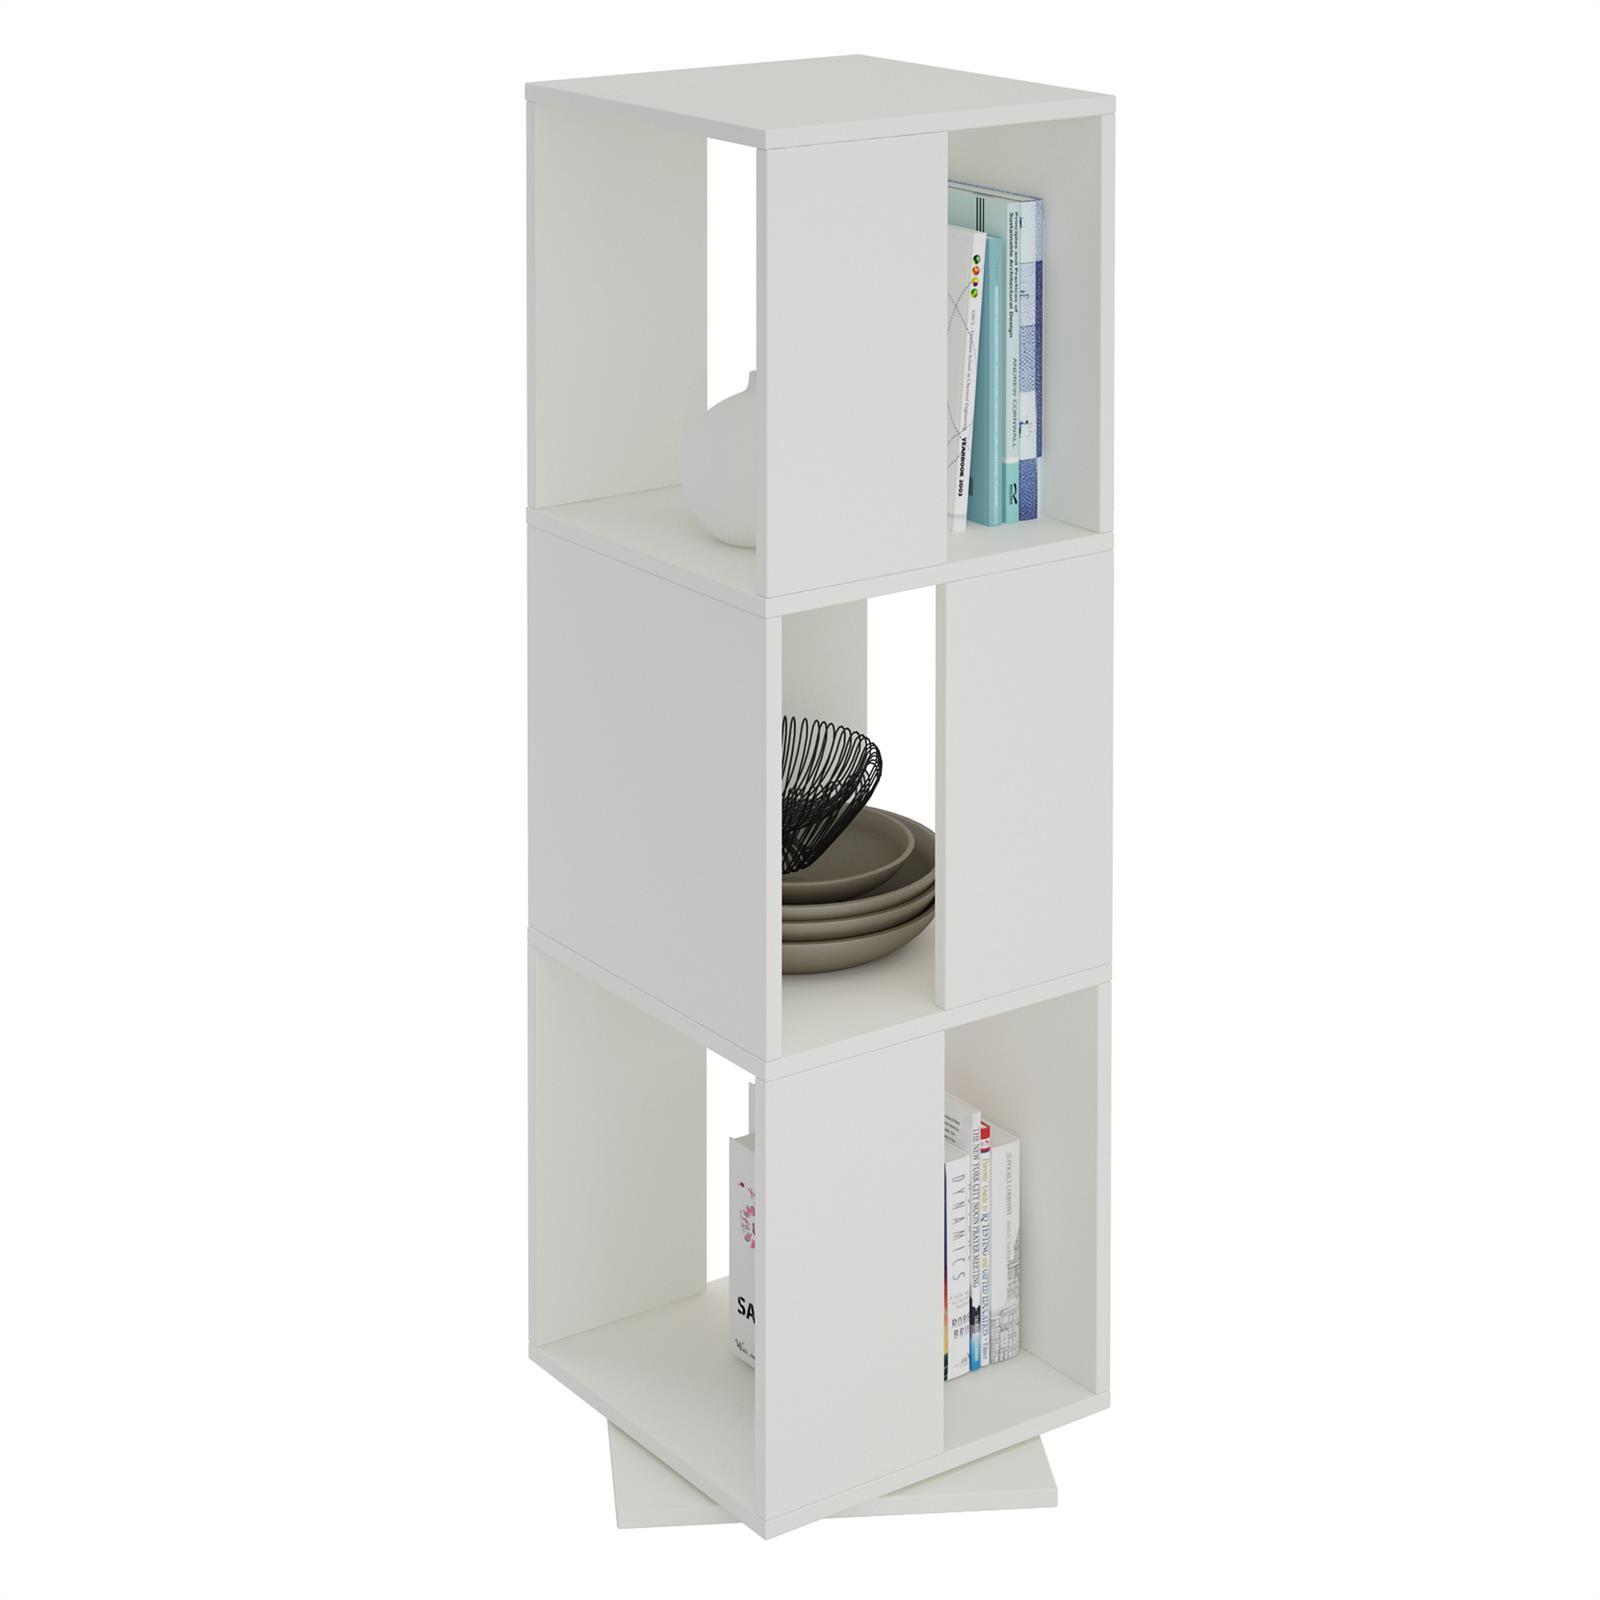 biblioth que pivotante elle m lamin blanc mobil meubles. Black Bedroom Furniture Sets. Home Design Ideas